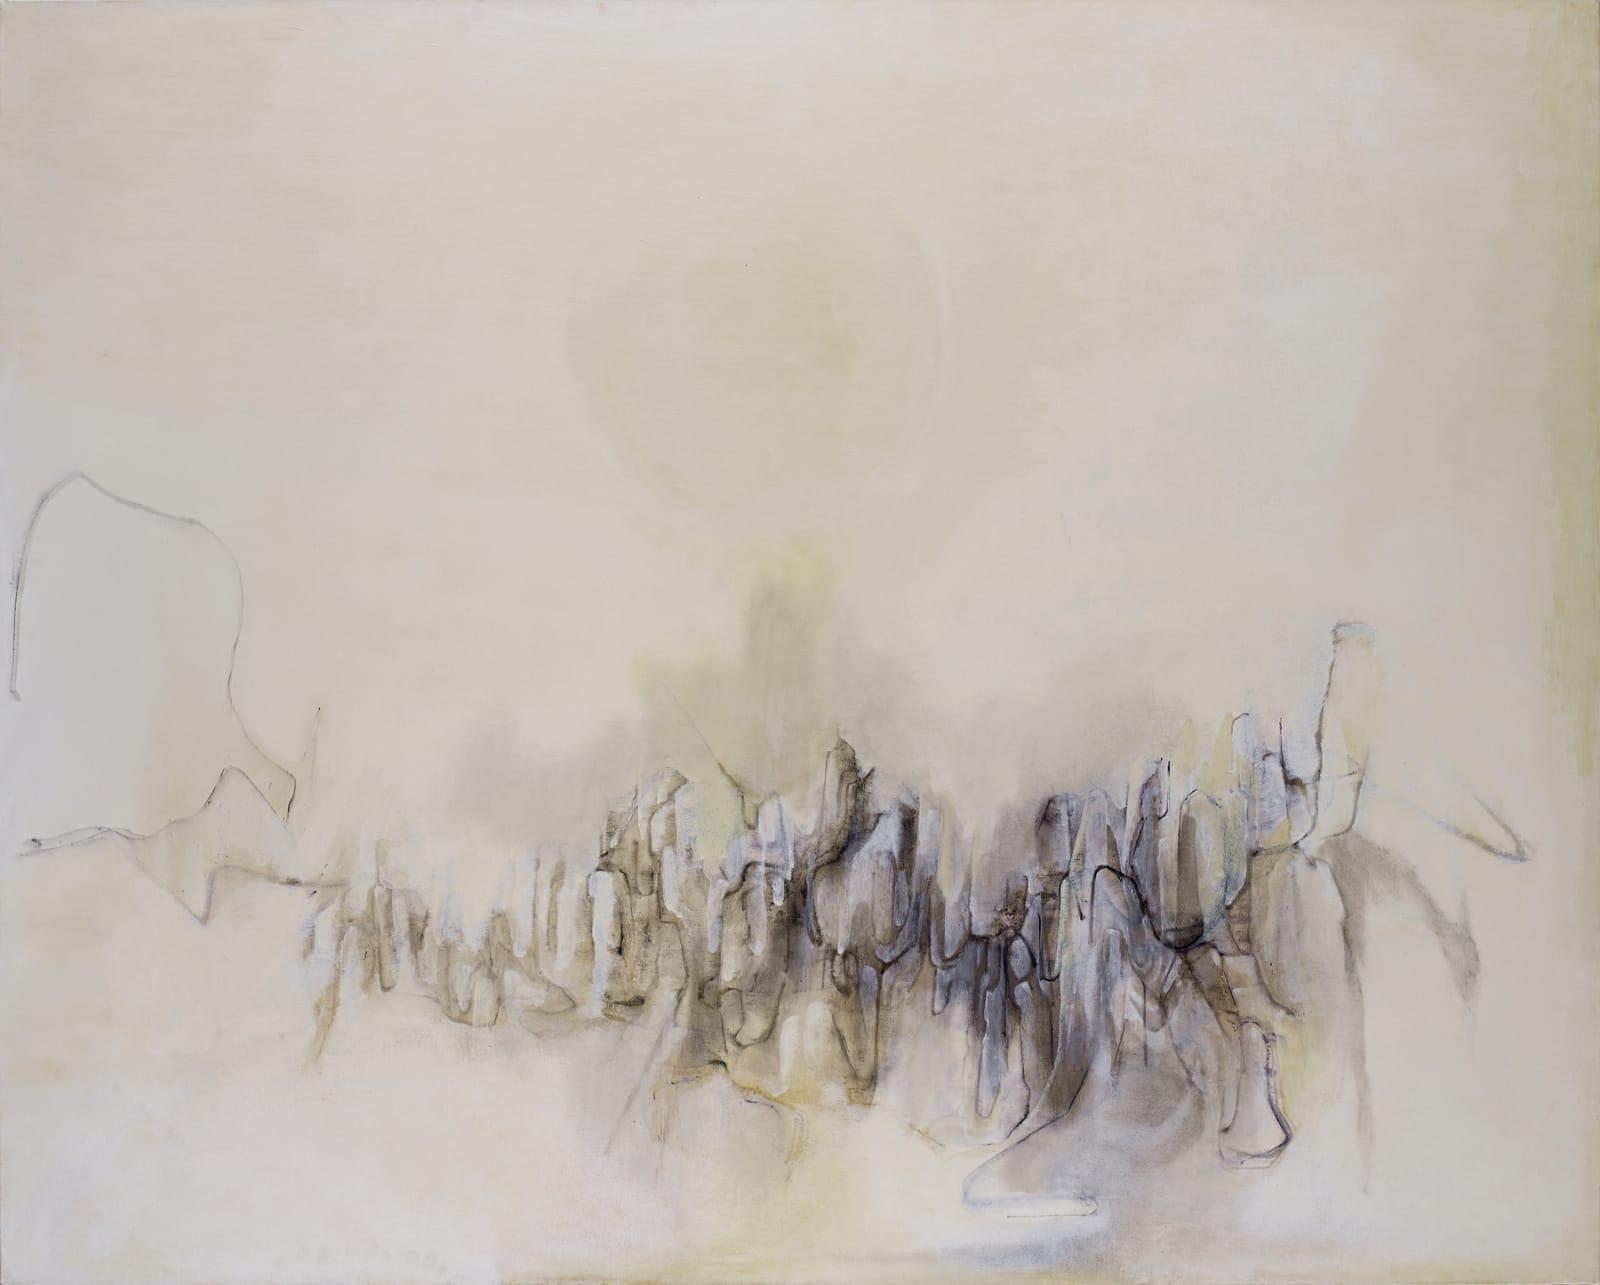 Lalan 謝景蘭, Untitled《無題》, 1978-1984